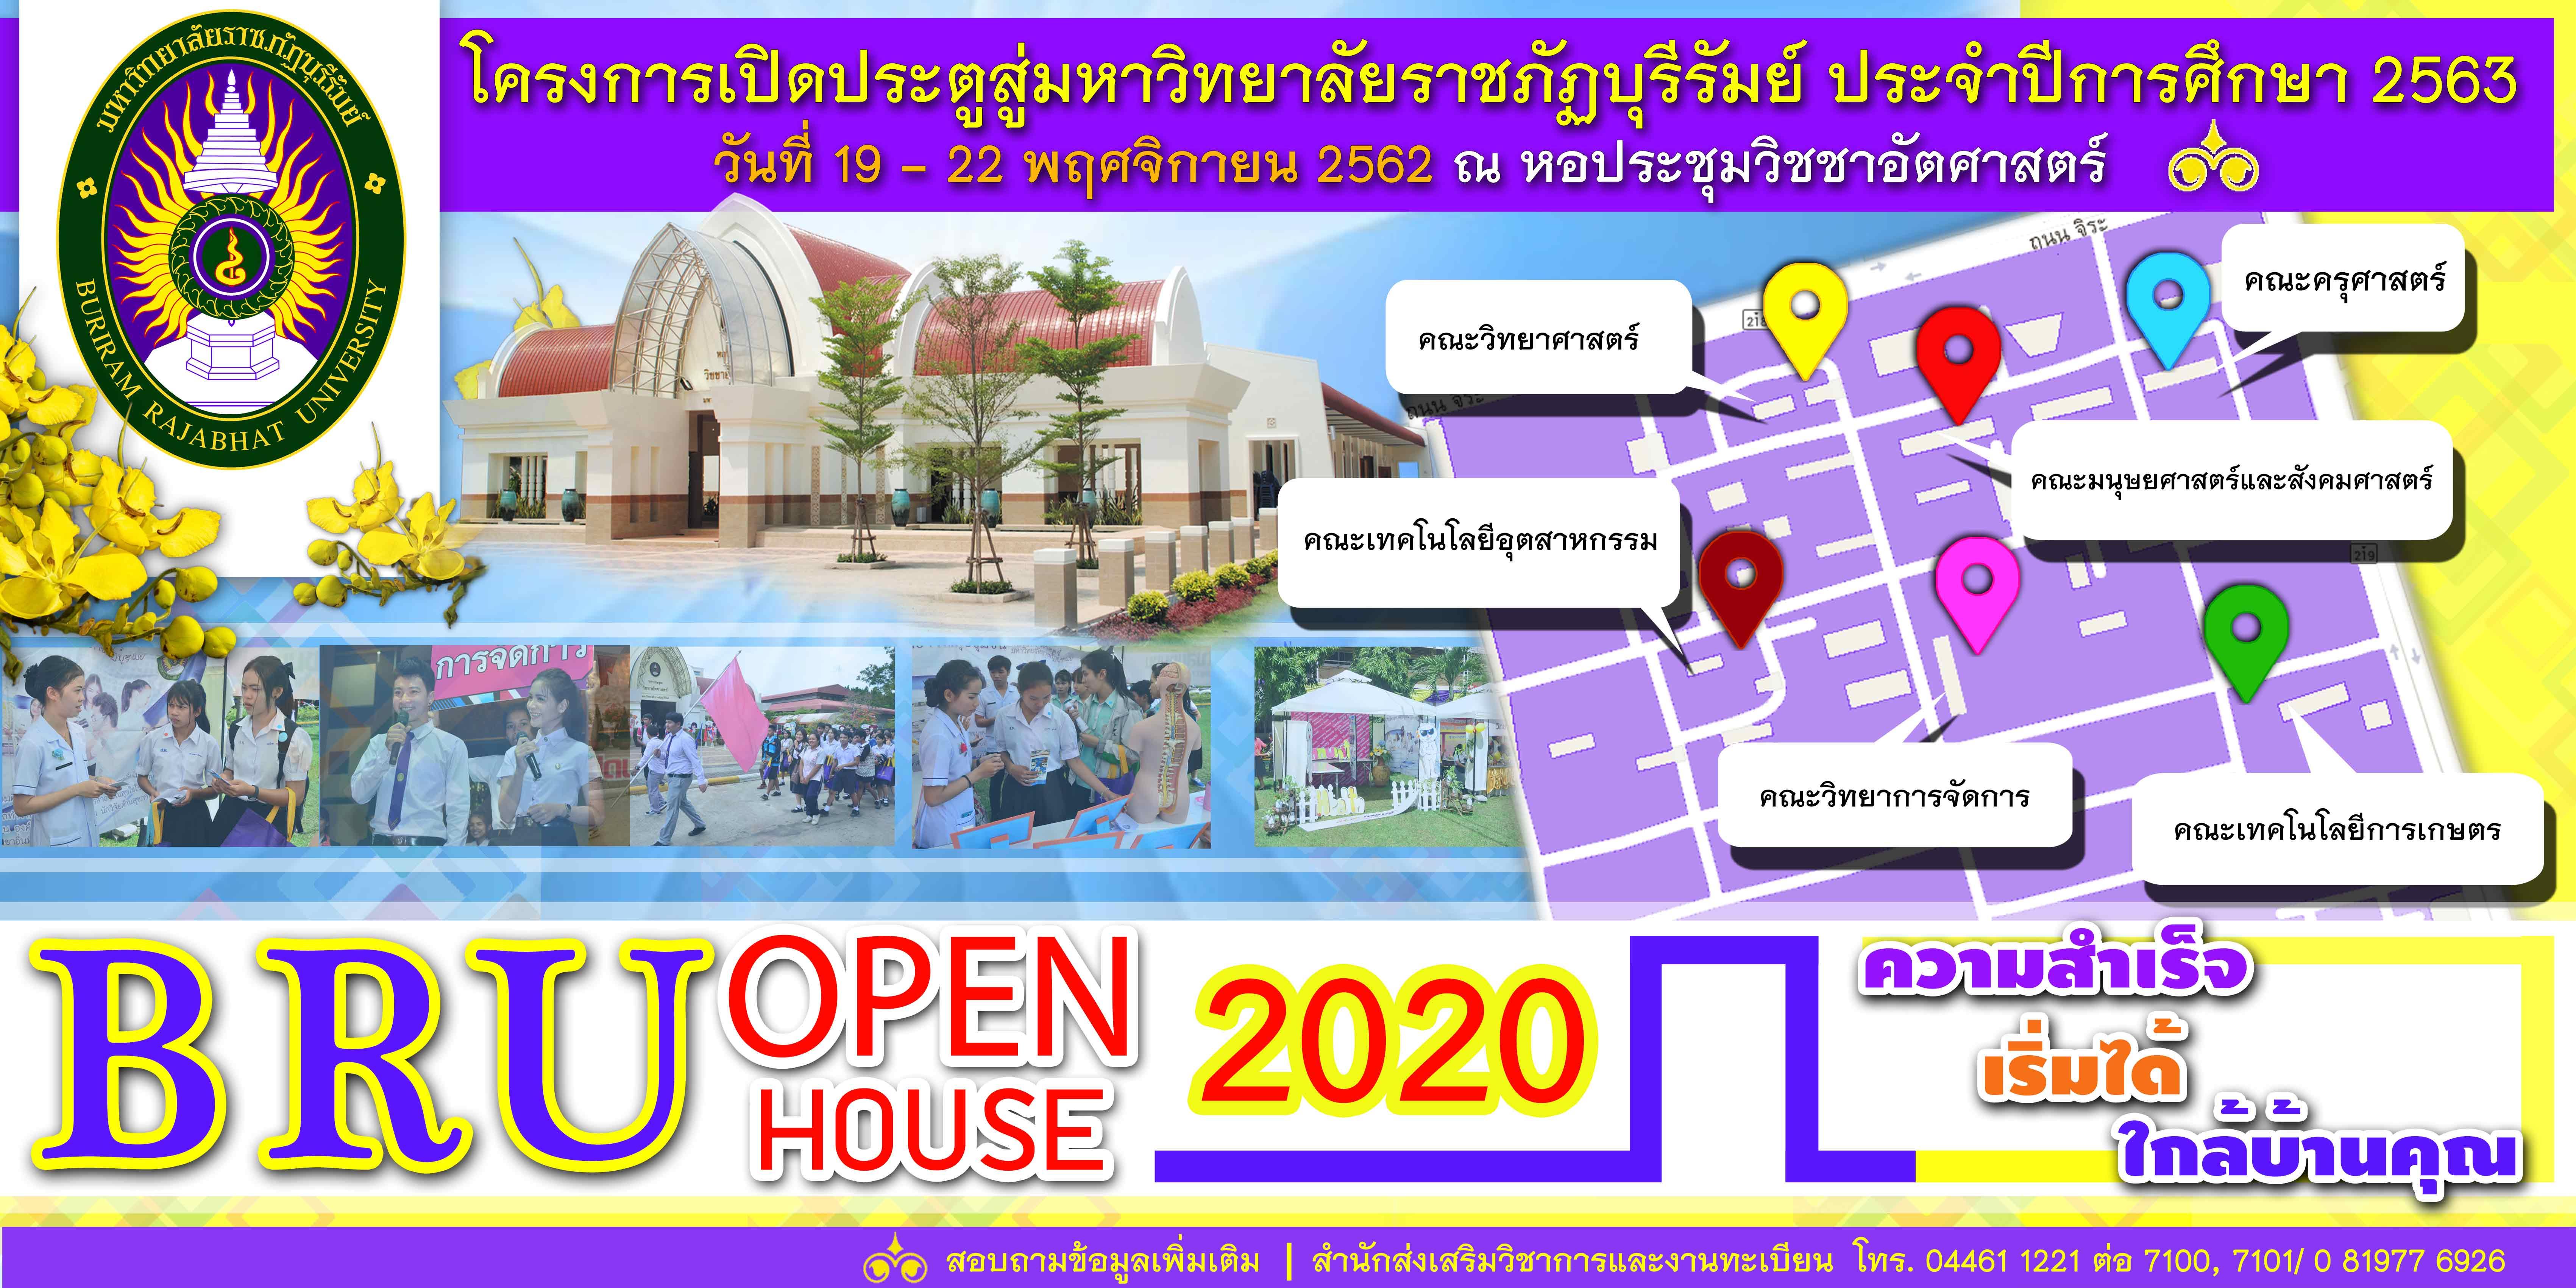 กำหนดการกิจกรรมเปิดประตูสู่มหาวิทยาลัยราชภัฏบุรีรัมย์ ประจำปีการศึกษา 2563 ระหว่างวันที่  19-22 พฤศจิกายน 2562